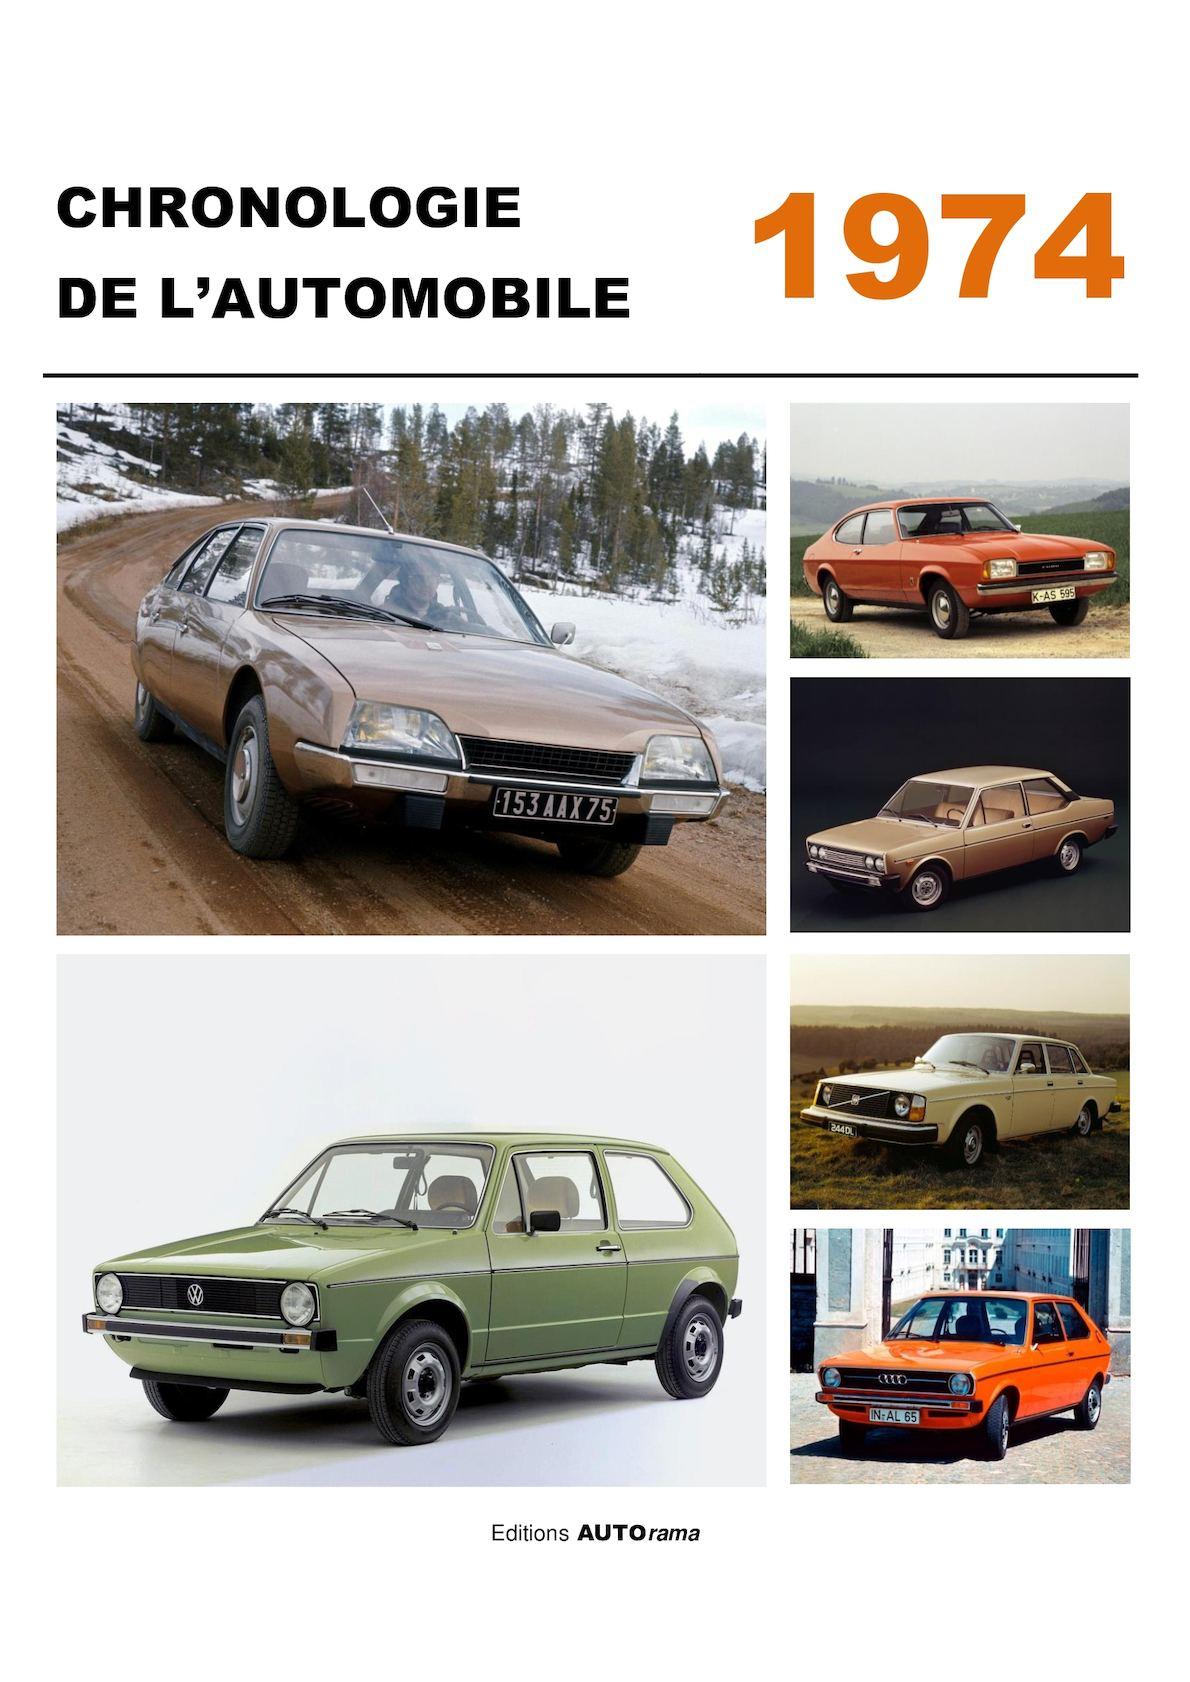 Chronologie de l'automobile - 1974